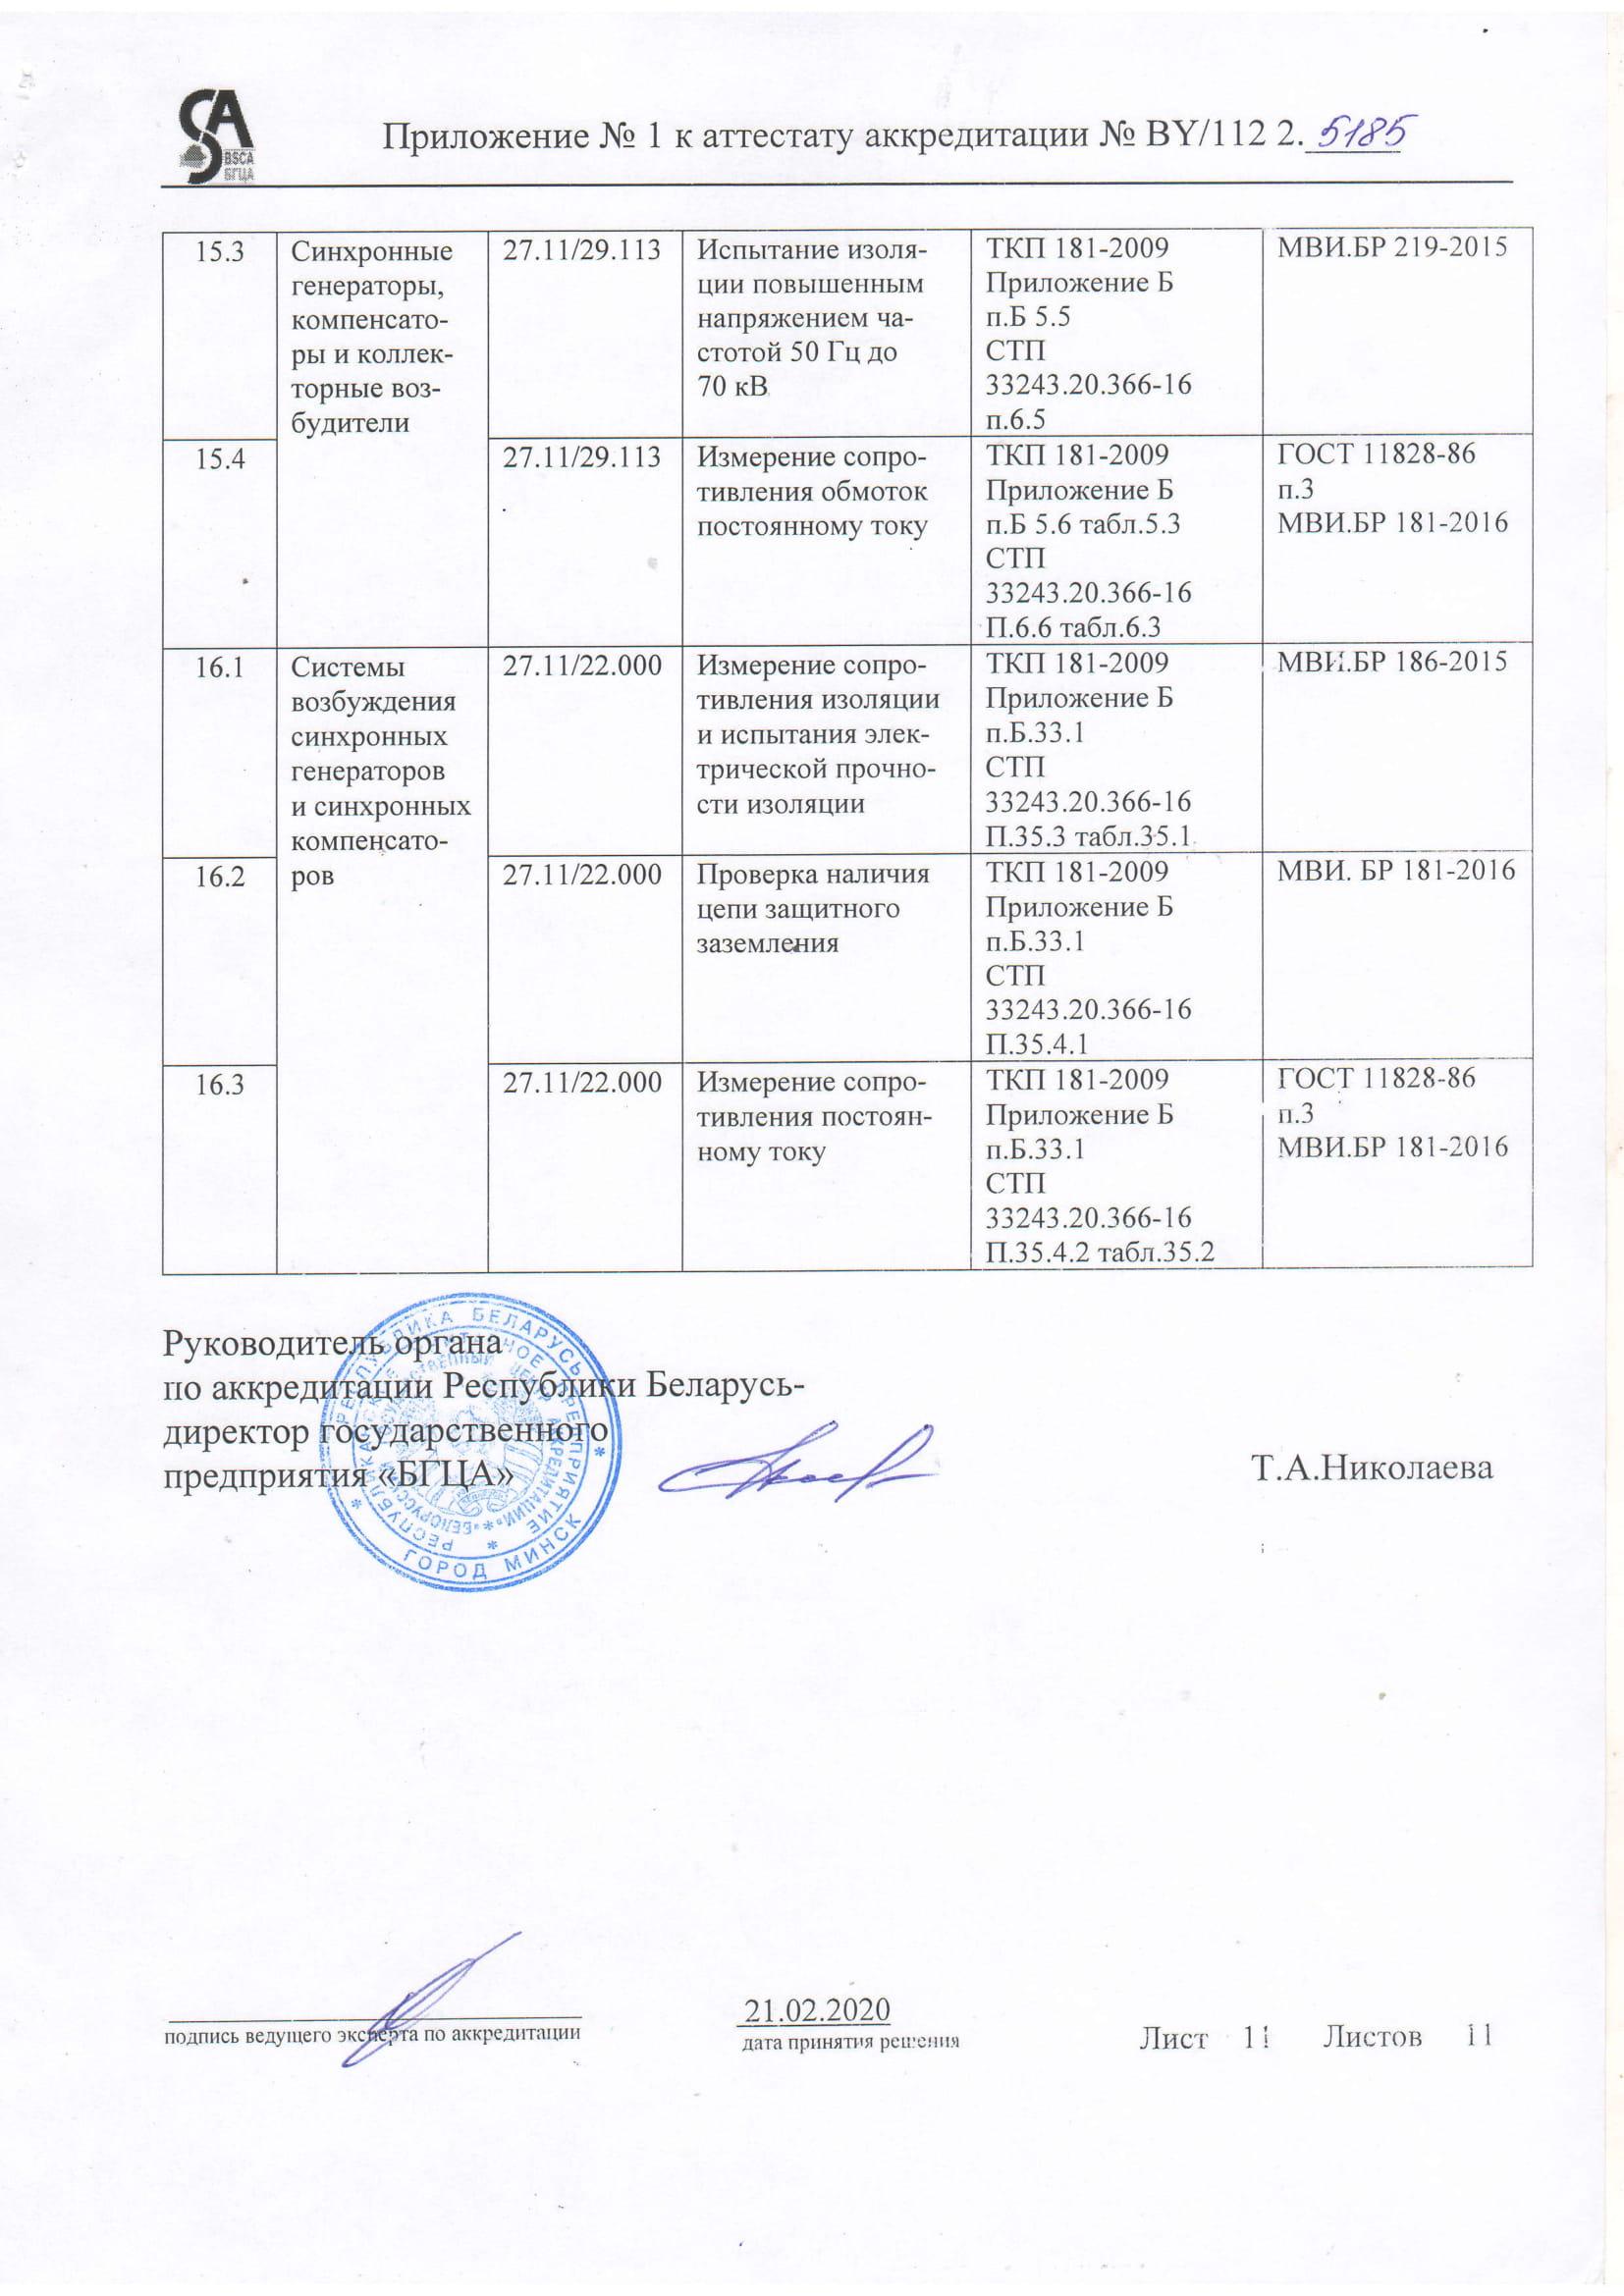 Область аккредитации ЭТЛ-11